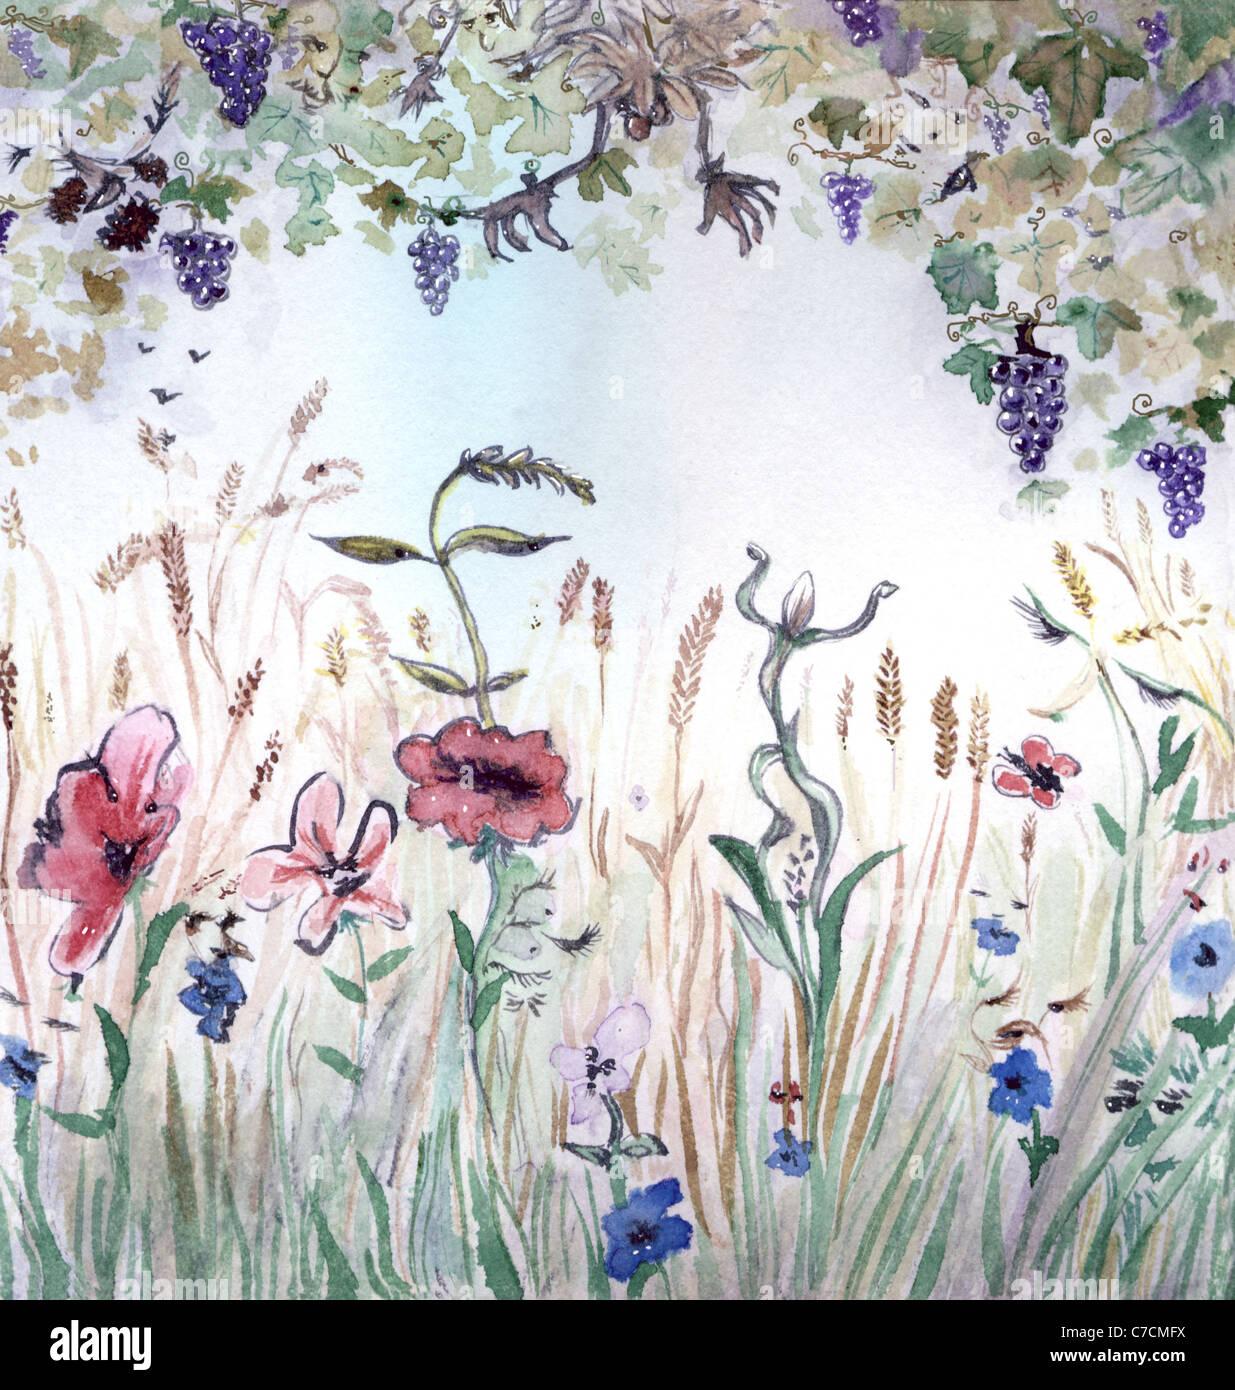 Saison d'automne, l'allégorie, illustration à l'aquarelle Banque D'Images